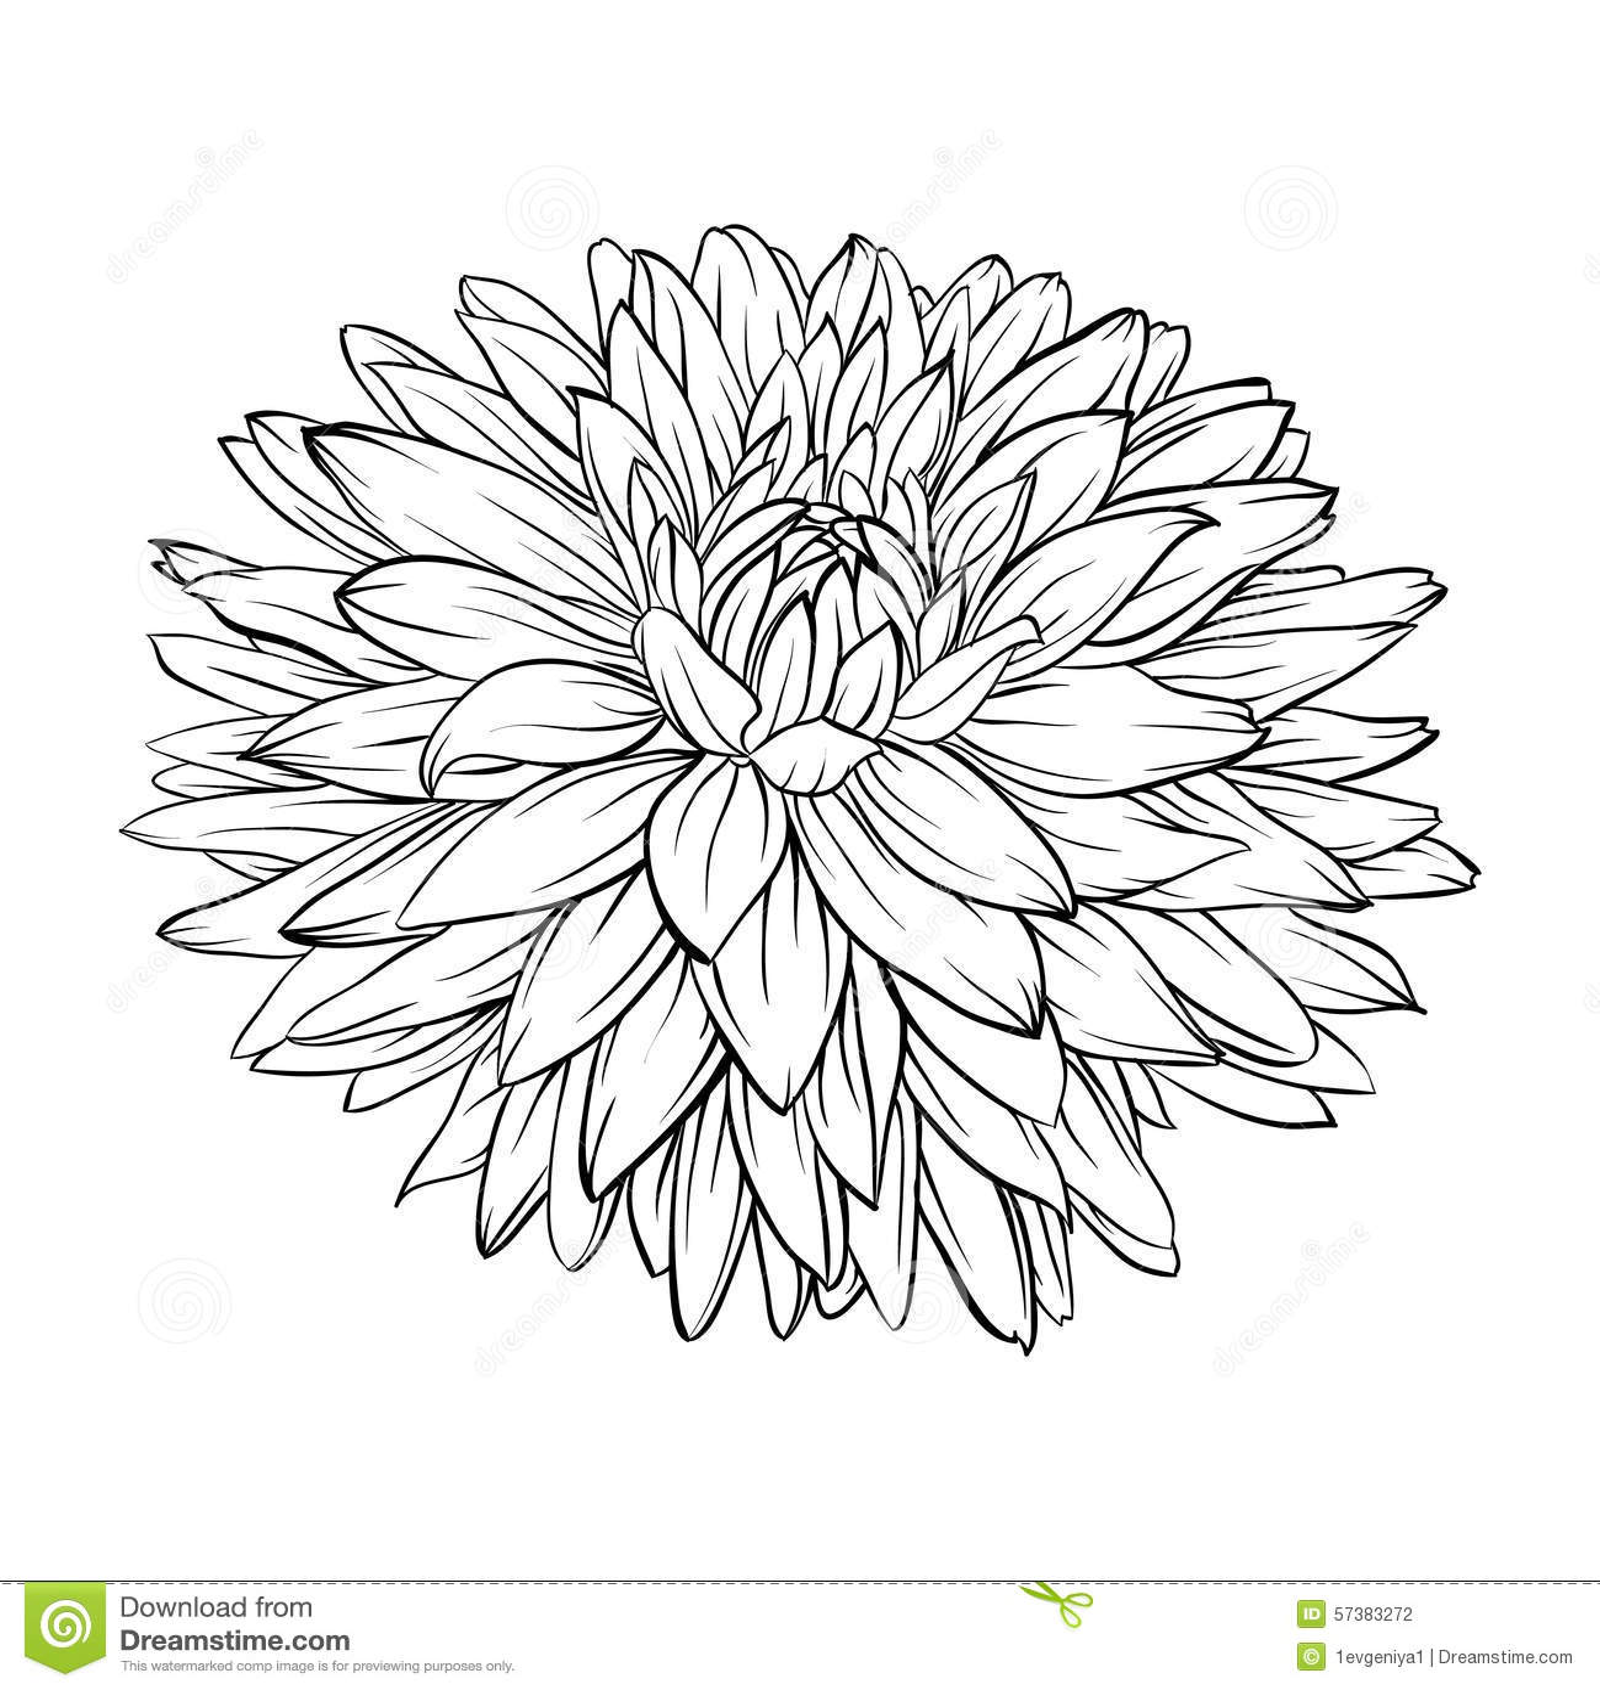 Mooie zwart-wit, zwart-witte geïsoleerde dahliabloem Hand-drawn contourlijnen en slagen